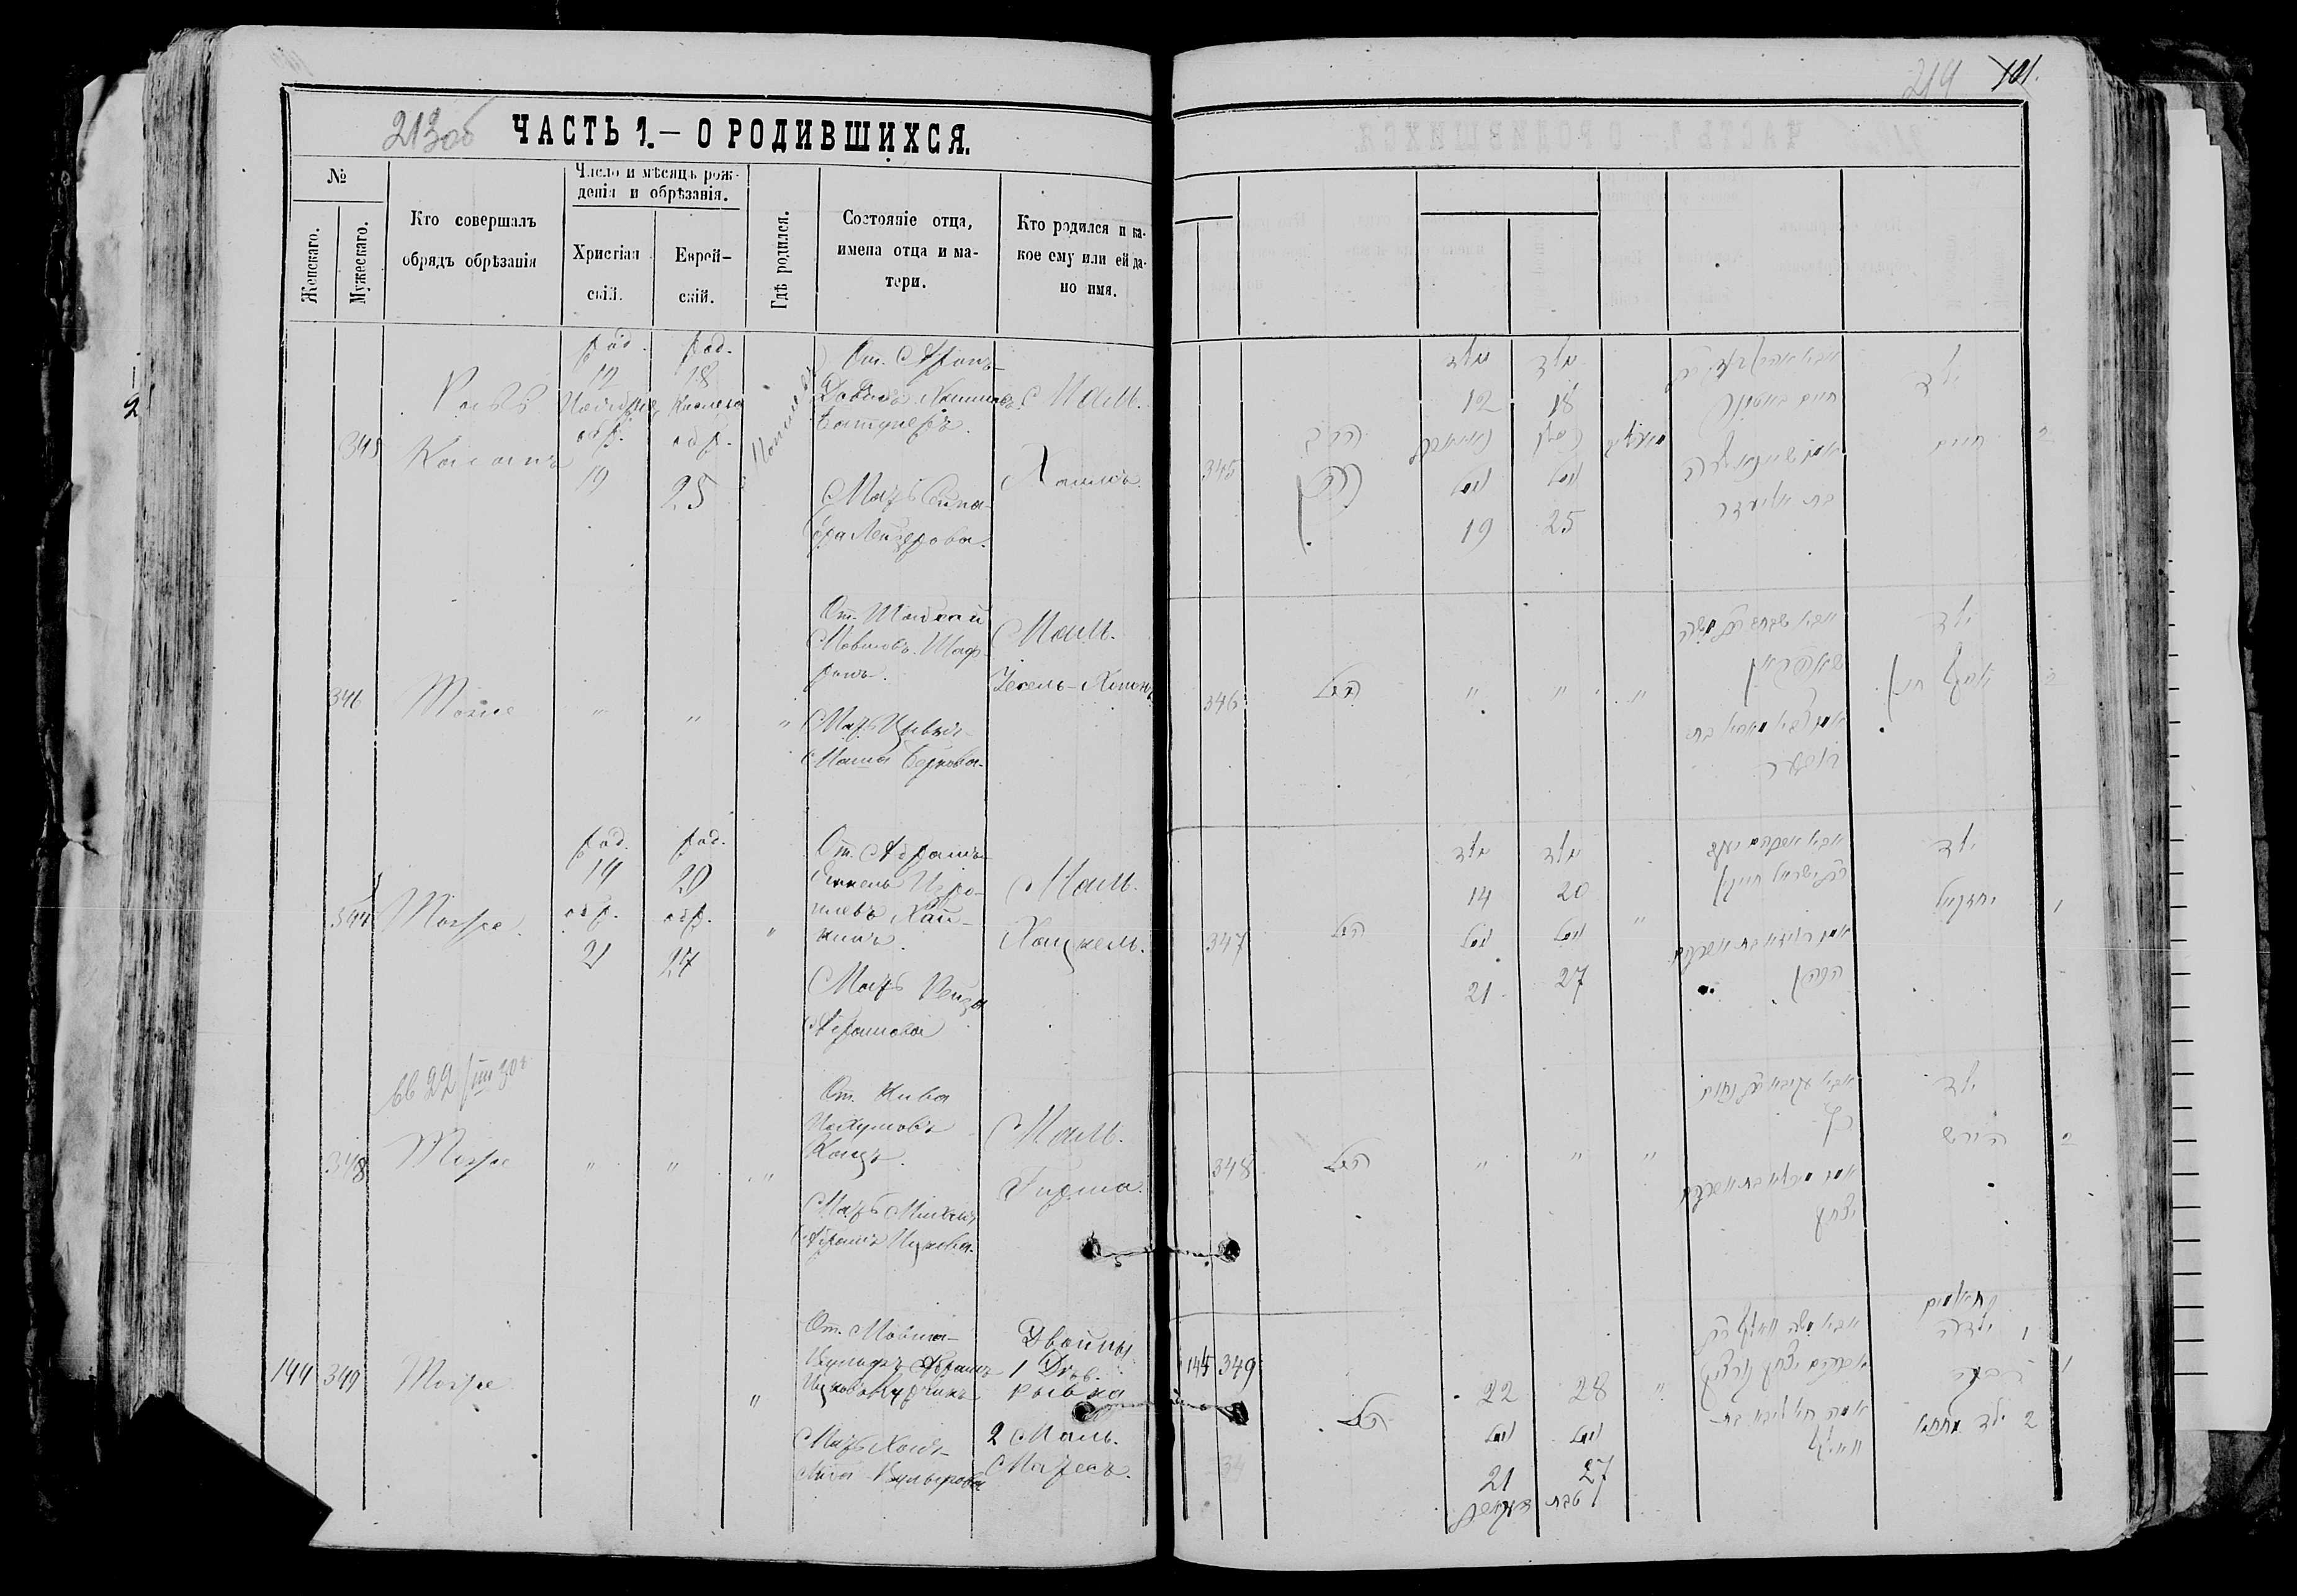 Ривка и Матес Мовша-Вульфовичи Курчики 22 ноября 1877, запись 144 и 349, пленка 007766481, снимок 764